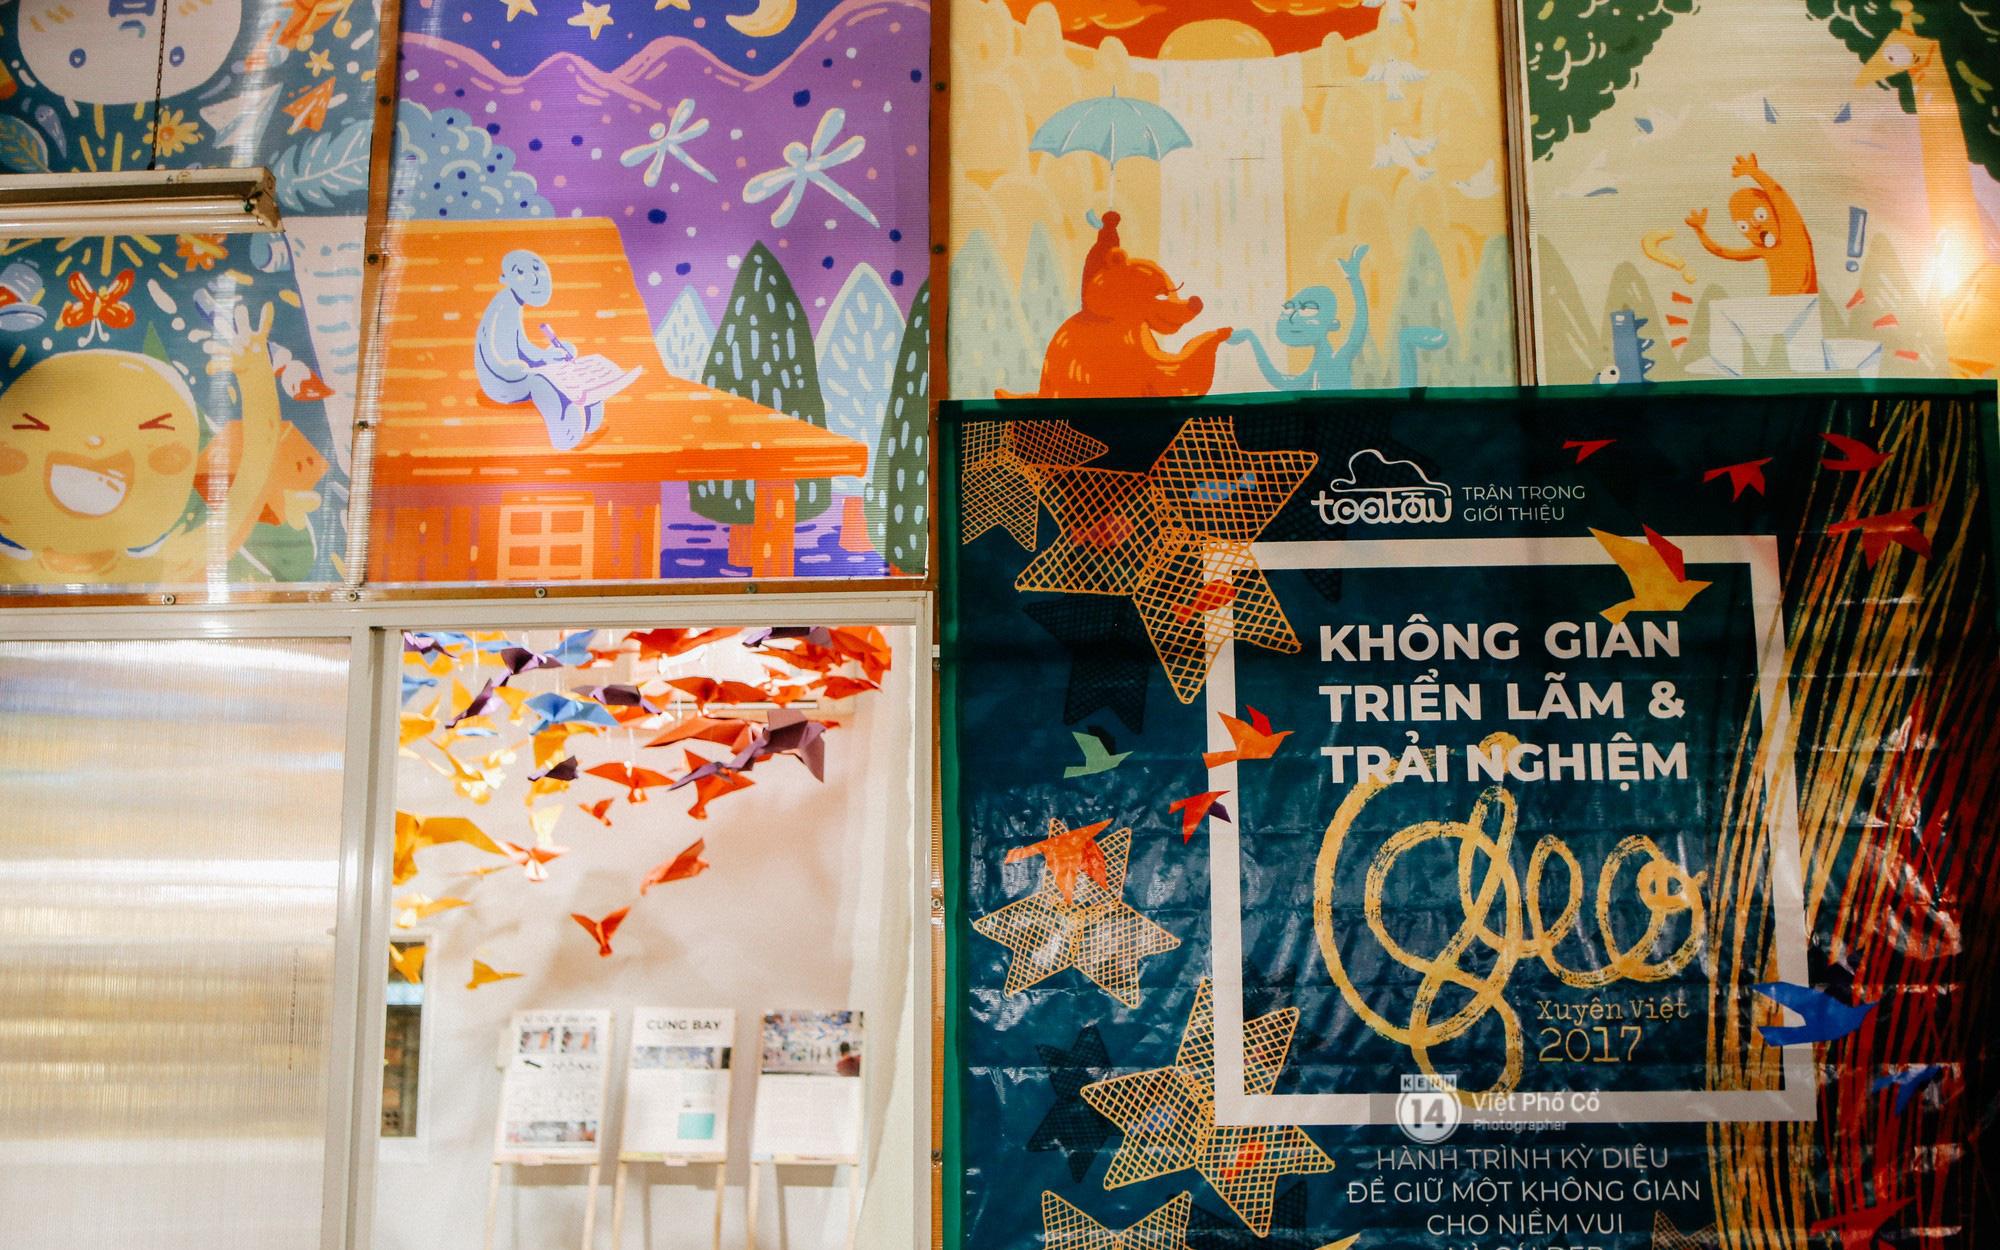 Gieo Xuyên Việt - Nhìn lại hành trình 45 ngày trao niềm vui và yêu thương của Toa Tàu